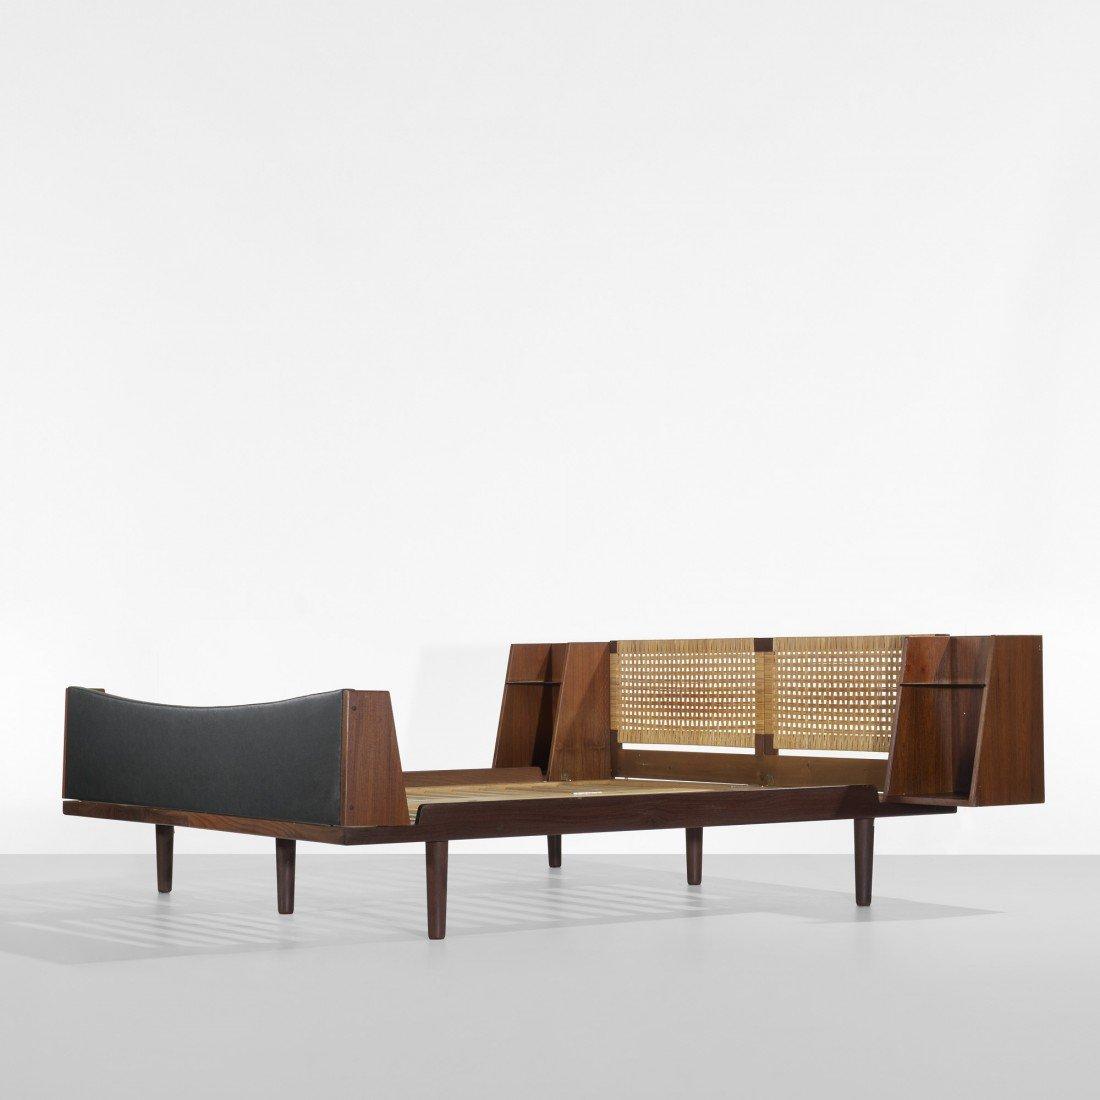 119: Hans Wegner bed, model 701